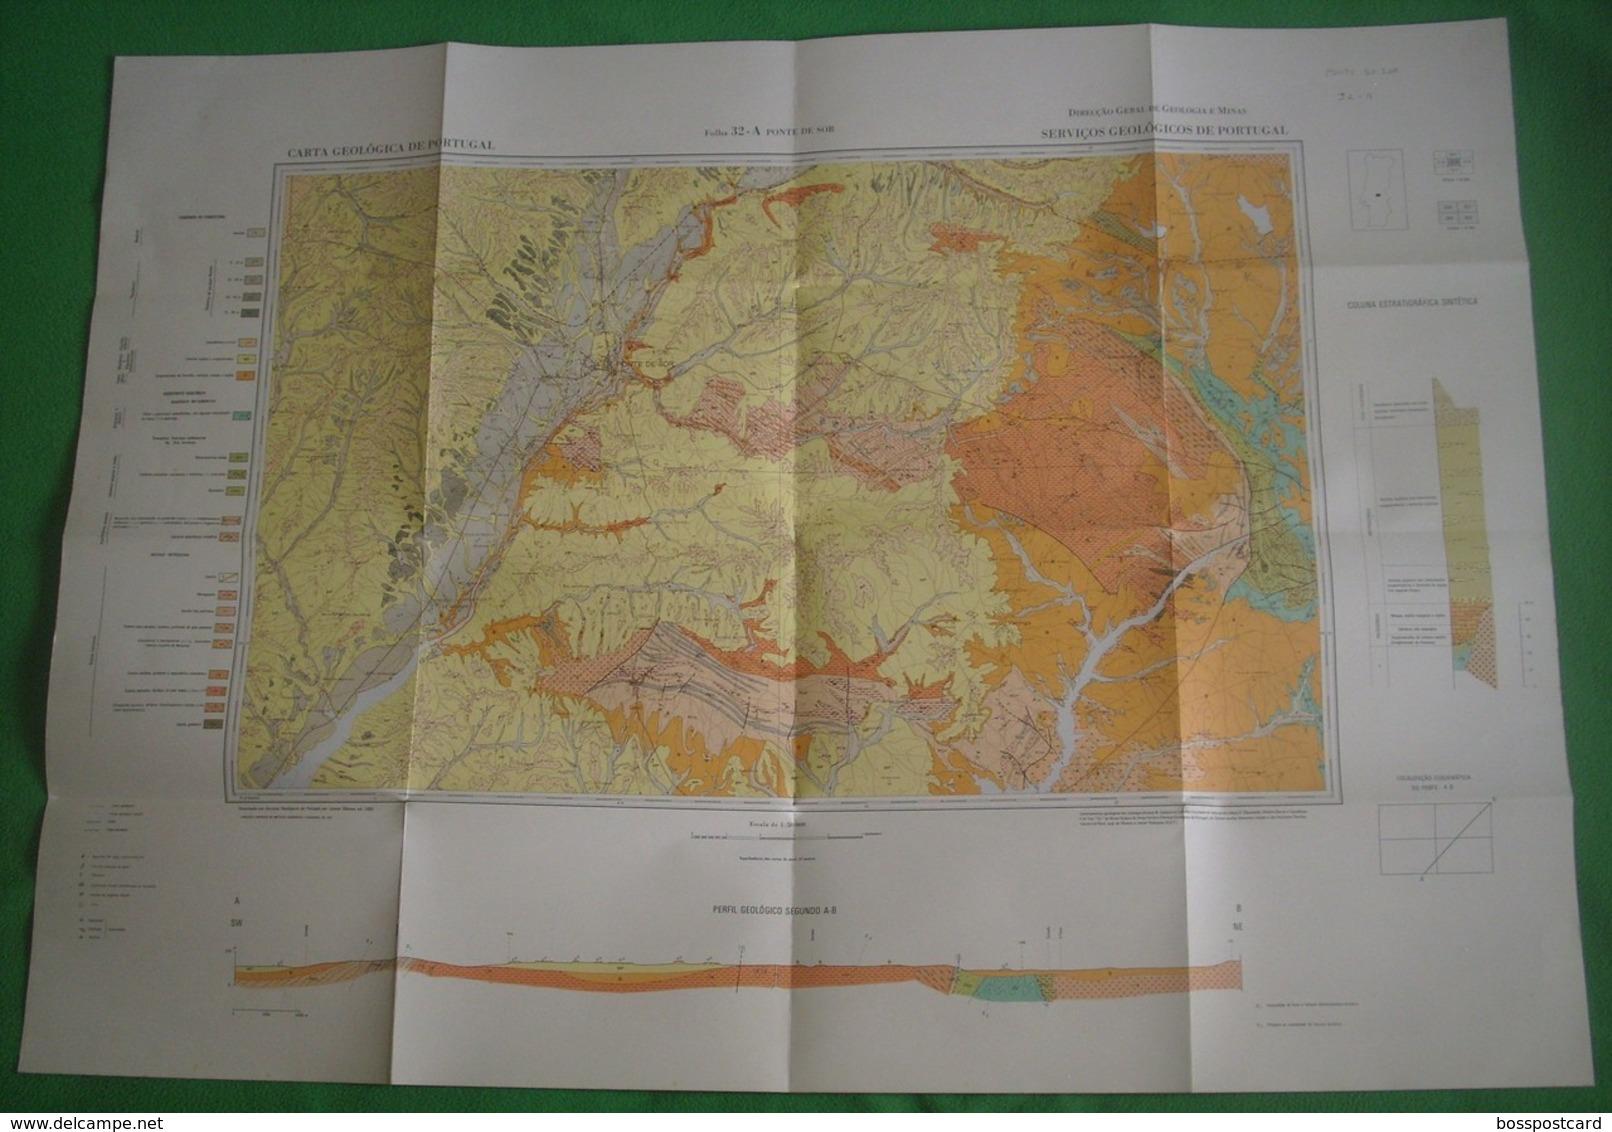 Ponte De Sor - Carta Geológica De Portugal + Mapa. Portalegre. - Geographical Maps